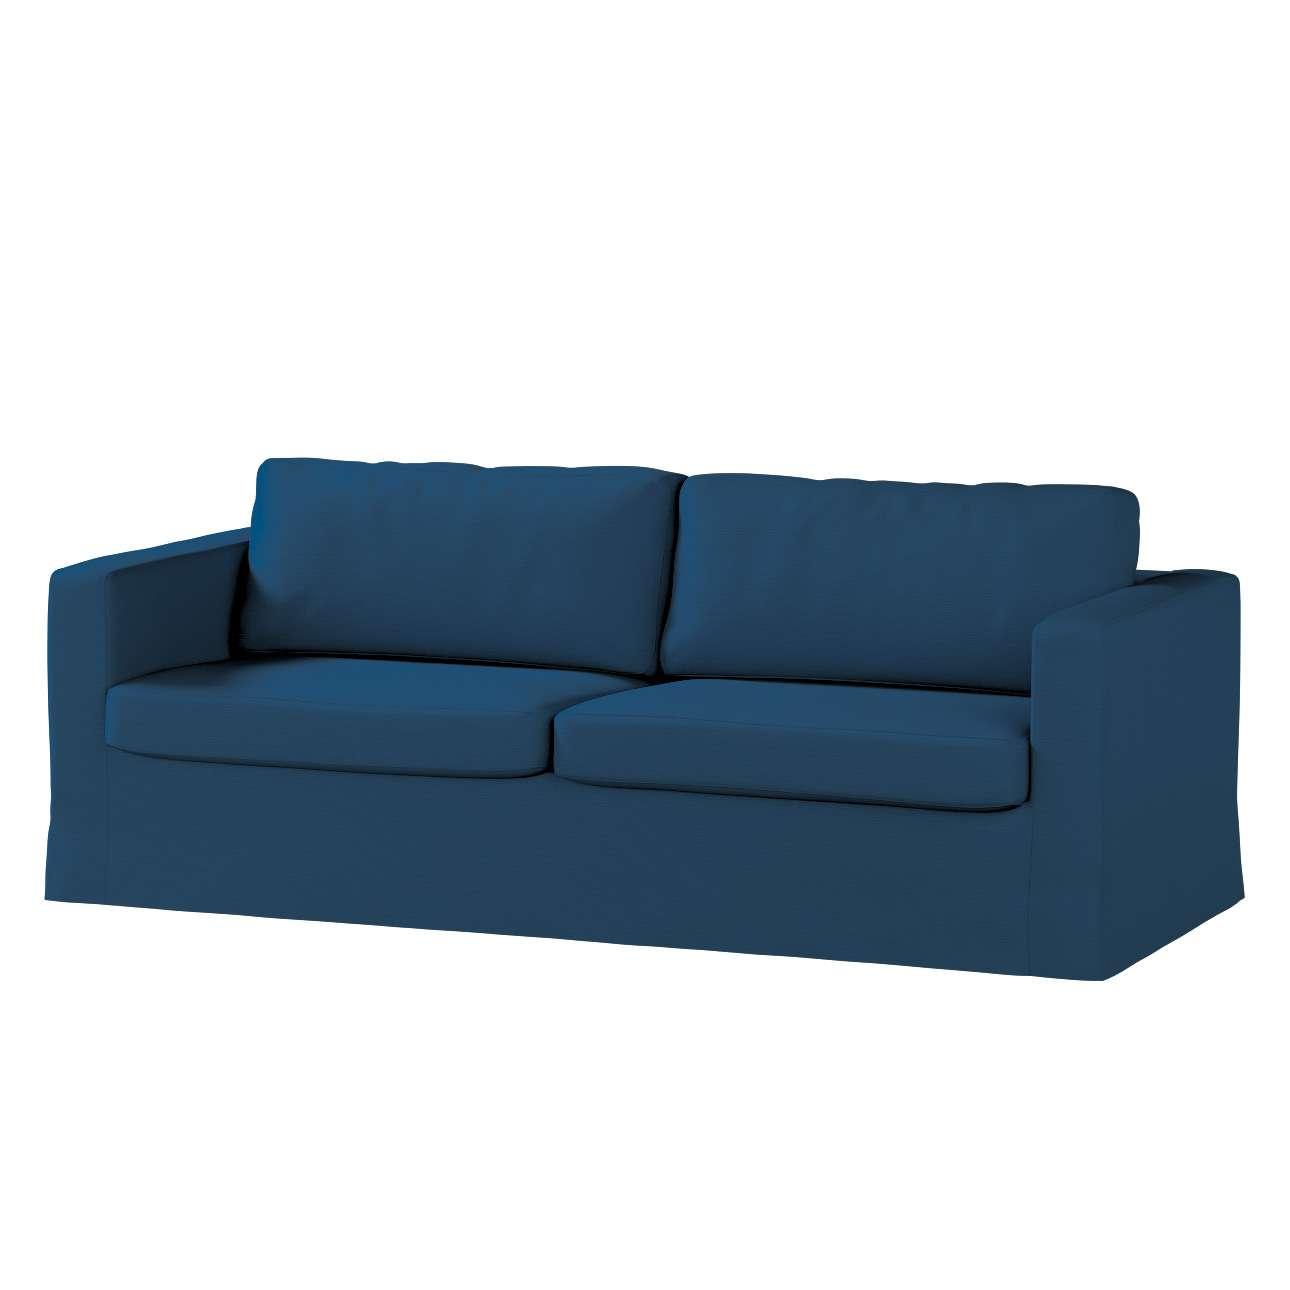 Karlstad trivietės sofos užvalkalas (ilgas, iki žemės) Karlstad trivietės sofos užvalkalas (ilgas, iki žemės) kolekcijoje Cotton Panama, audinys: 702-30